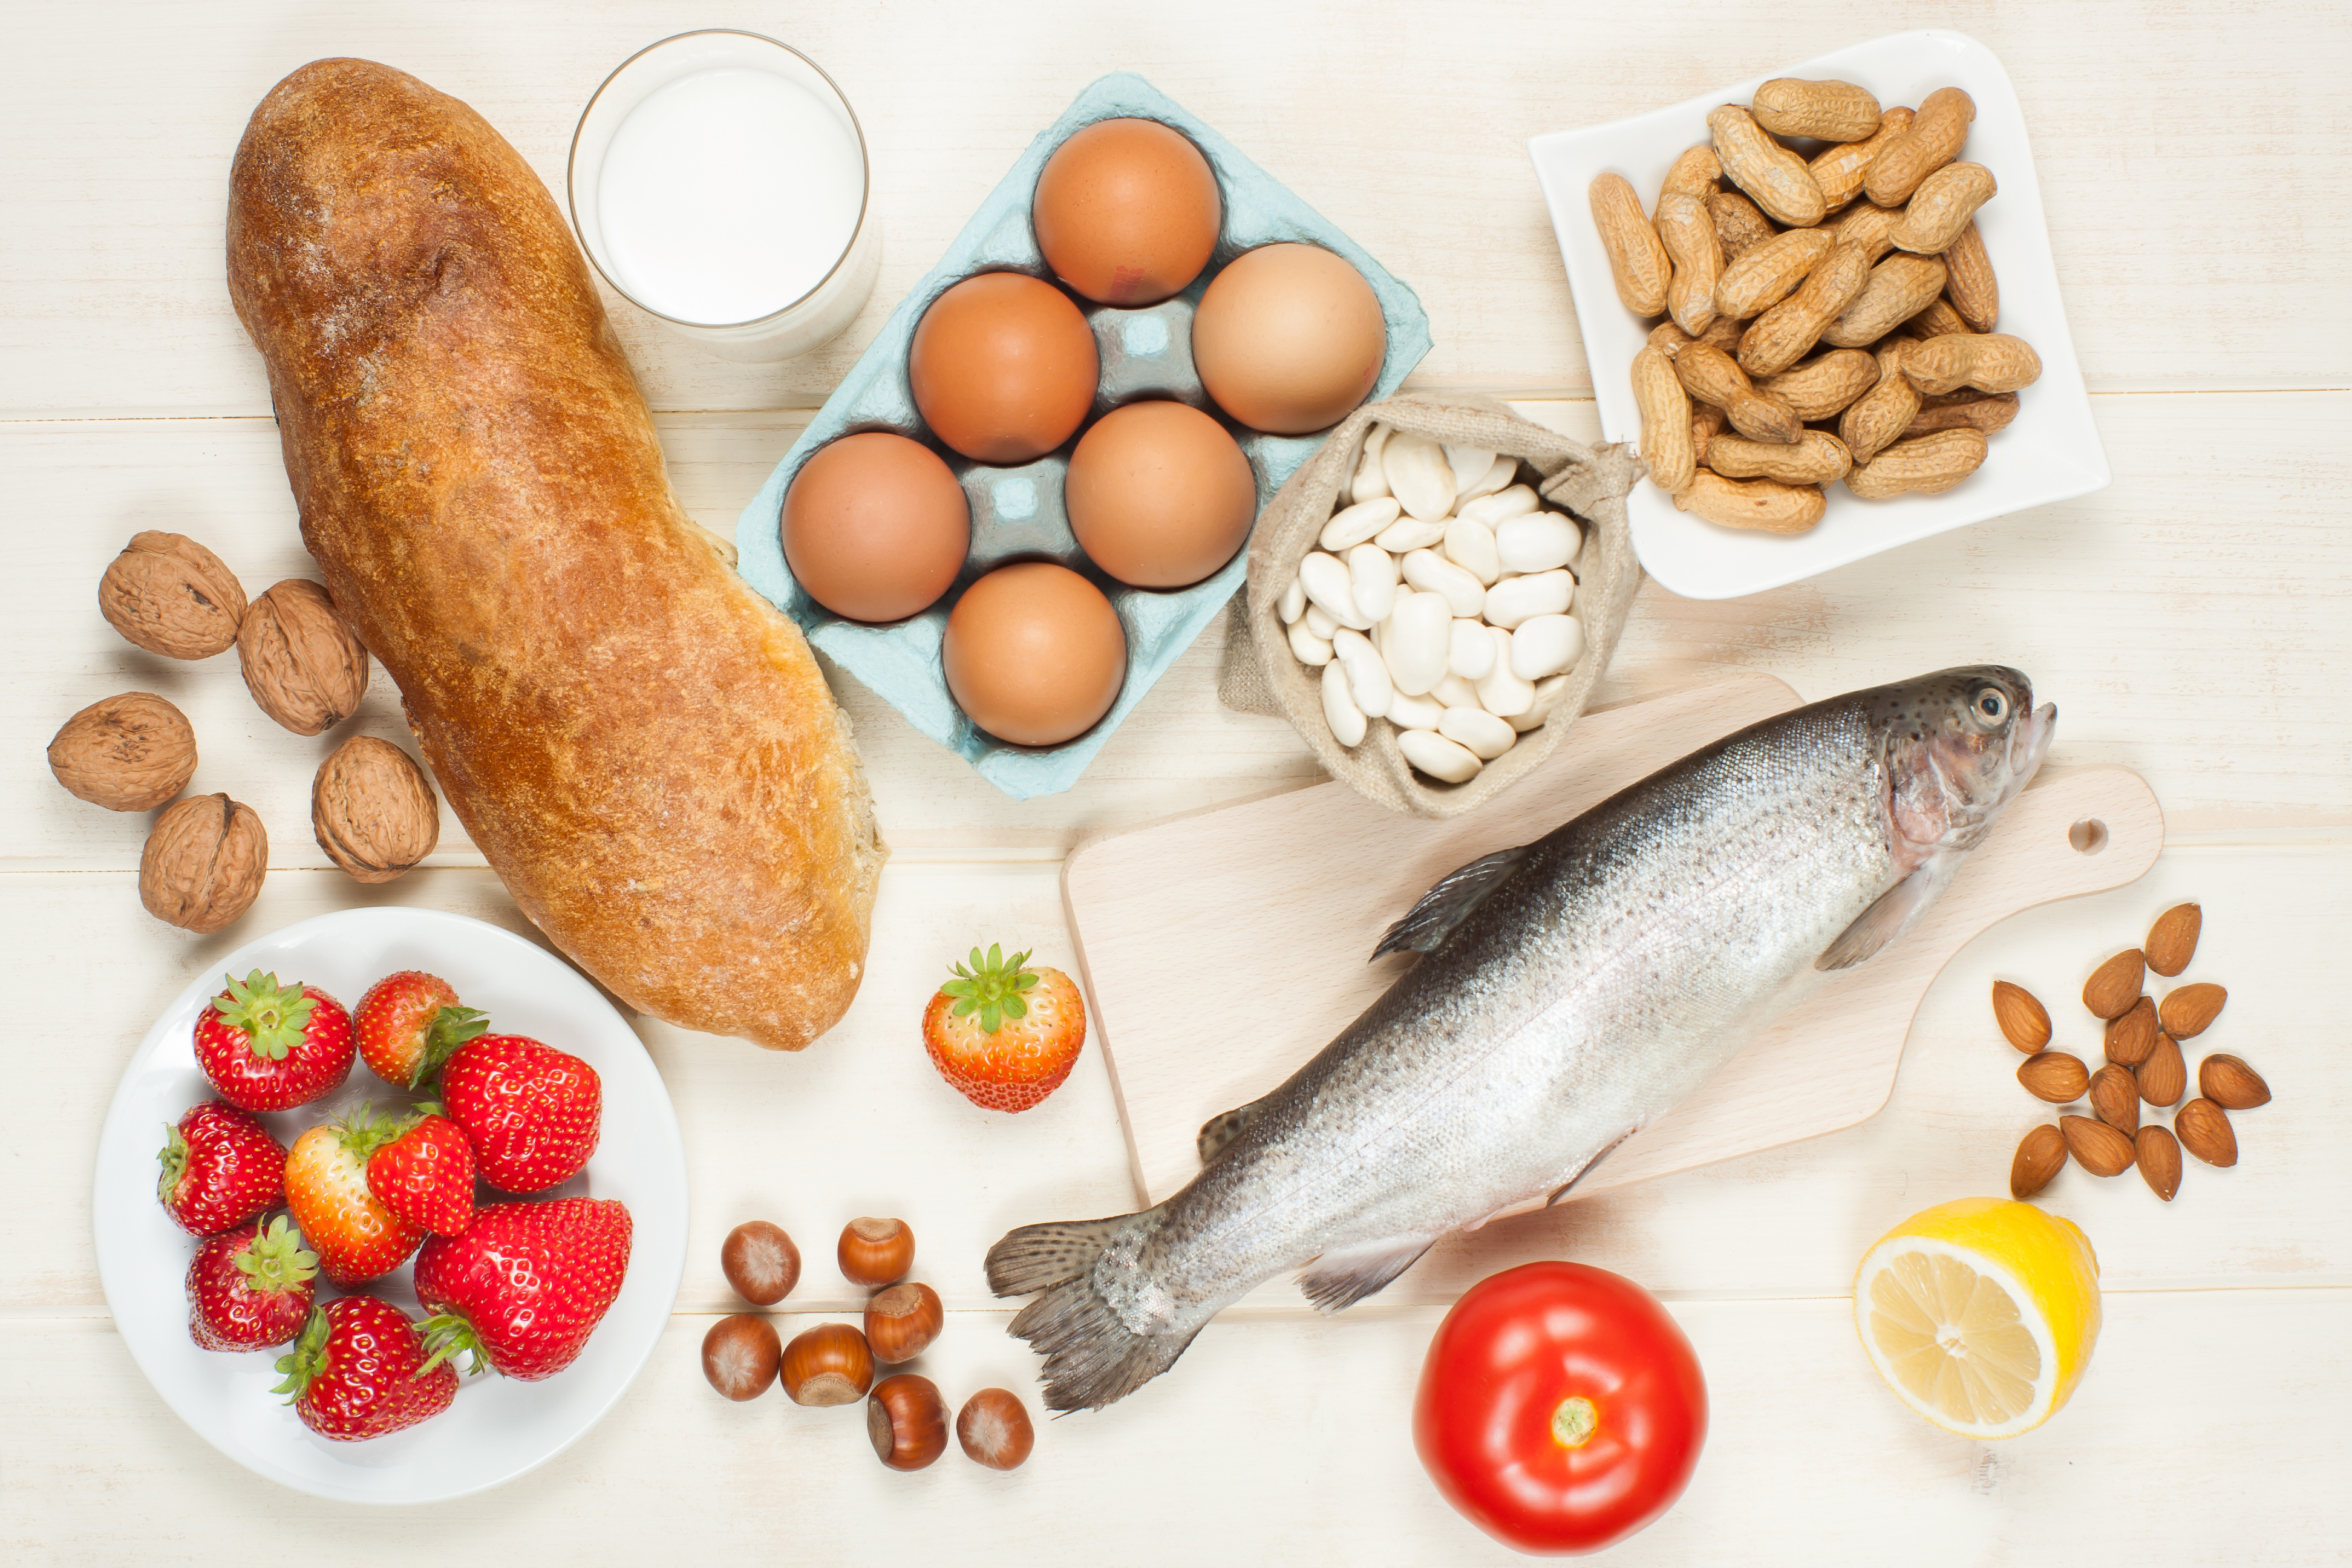 たんぱく質とアミノ酸で低栄養改善!「サルコペニア」予防の食事・料理レシピ